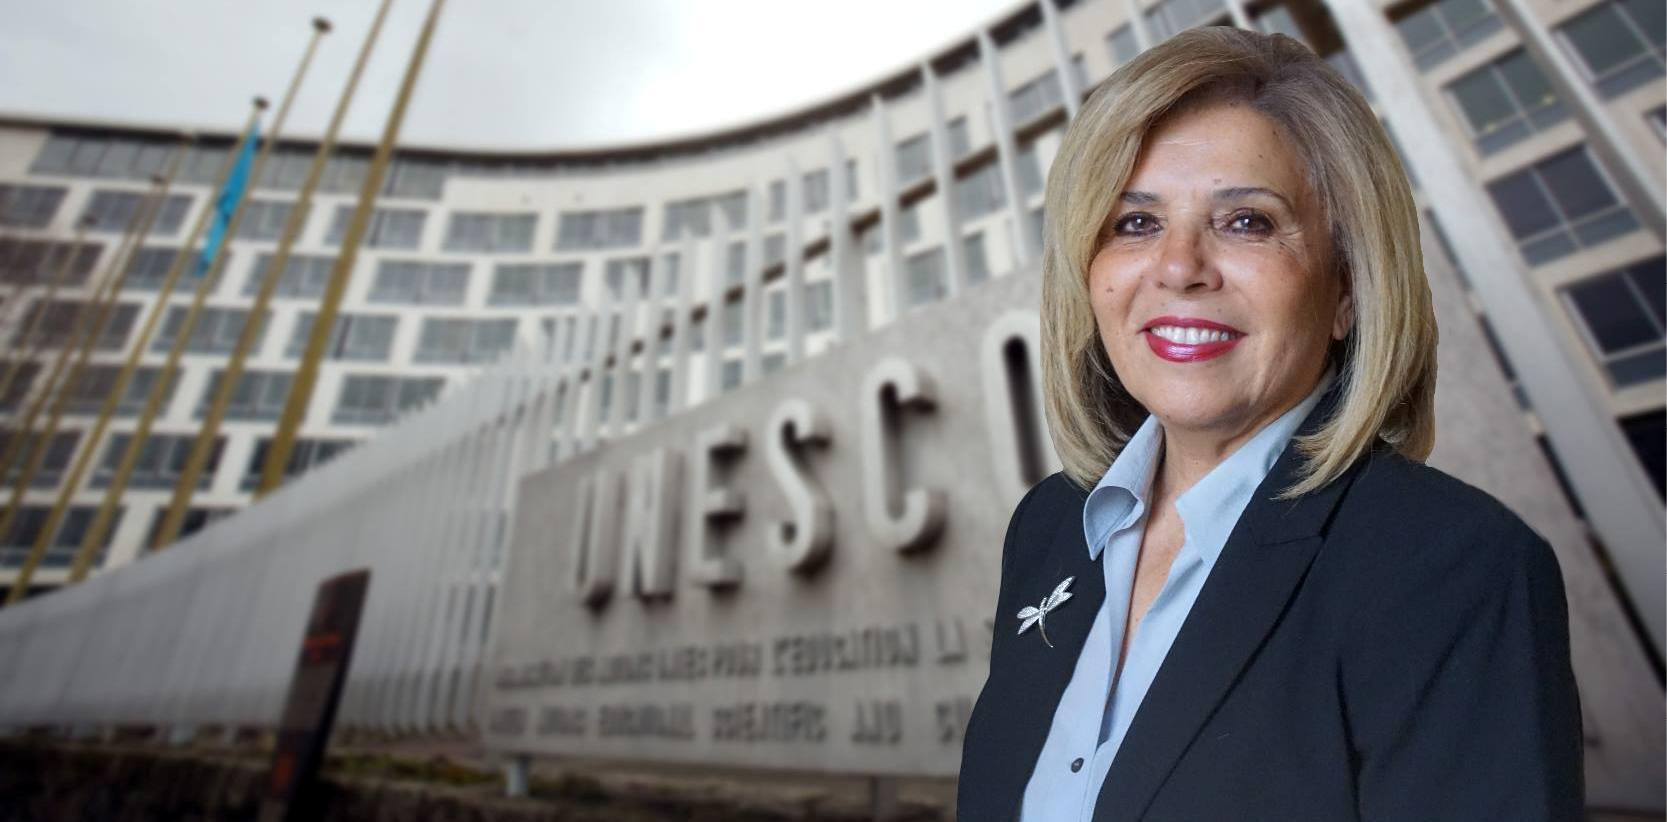 Interview de Moushira Khattab, candidate au poste de Directeur Général de l'UNESCO.